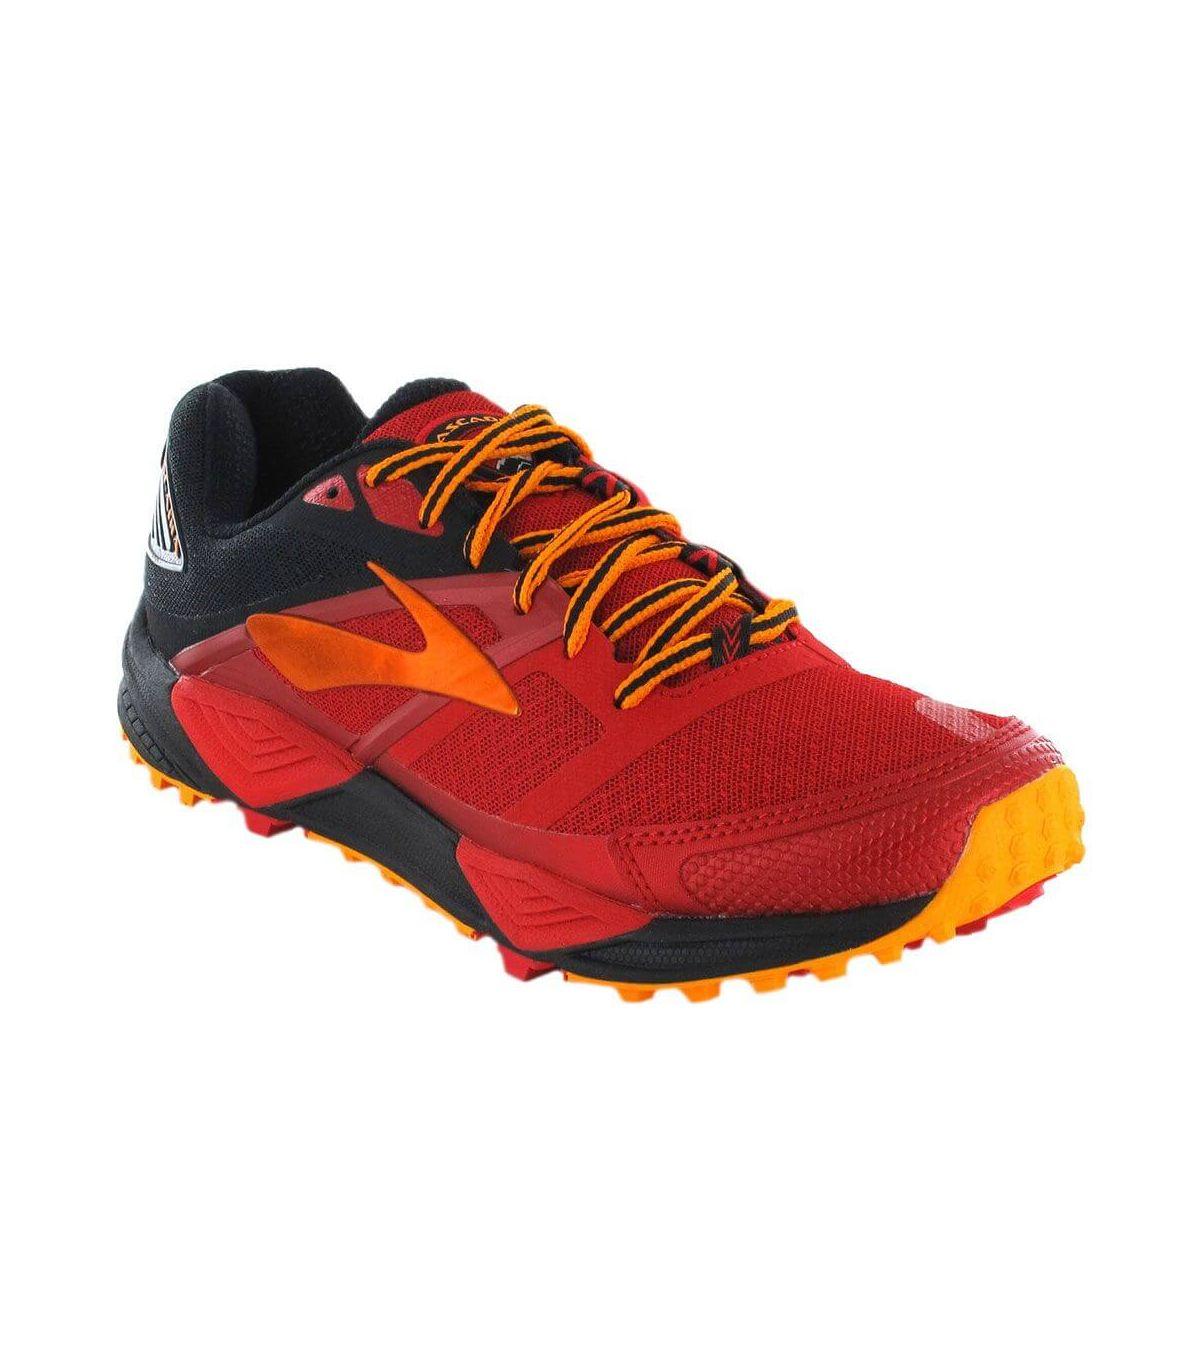 Brooks Cascadia 12 Rojo Zapatillas Trail Running Hombre Zapatillas Trail Running Tallas: 41; Color: rojo